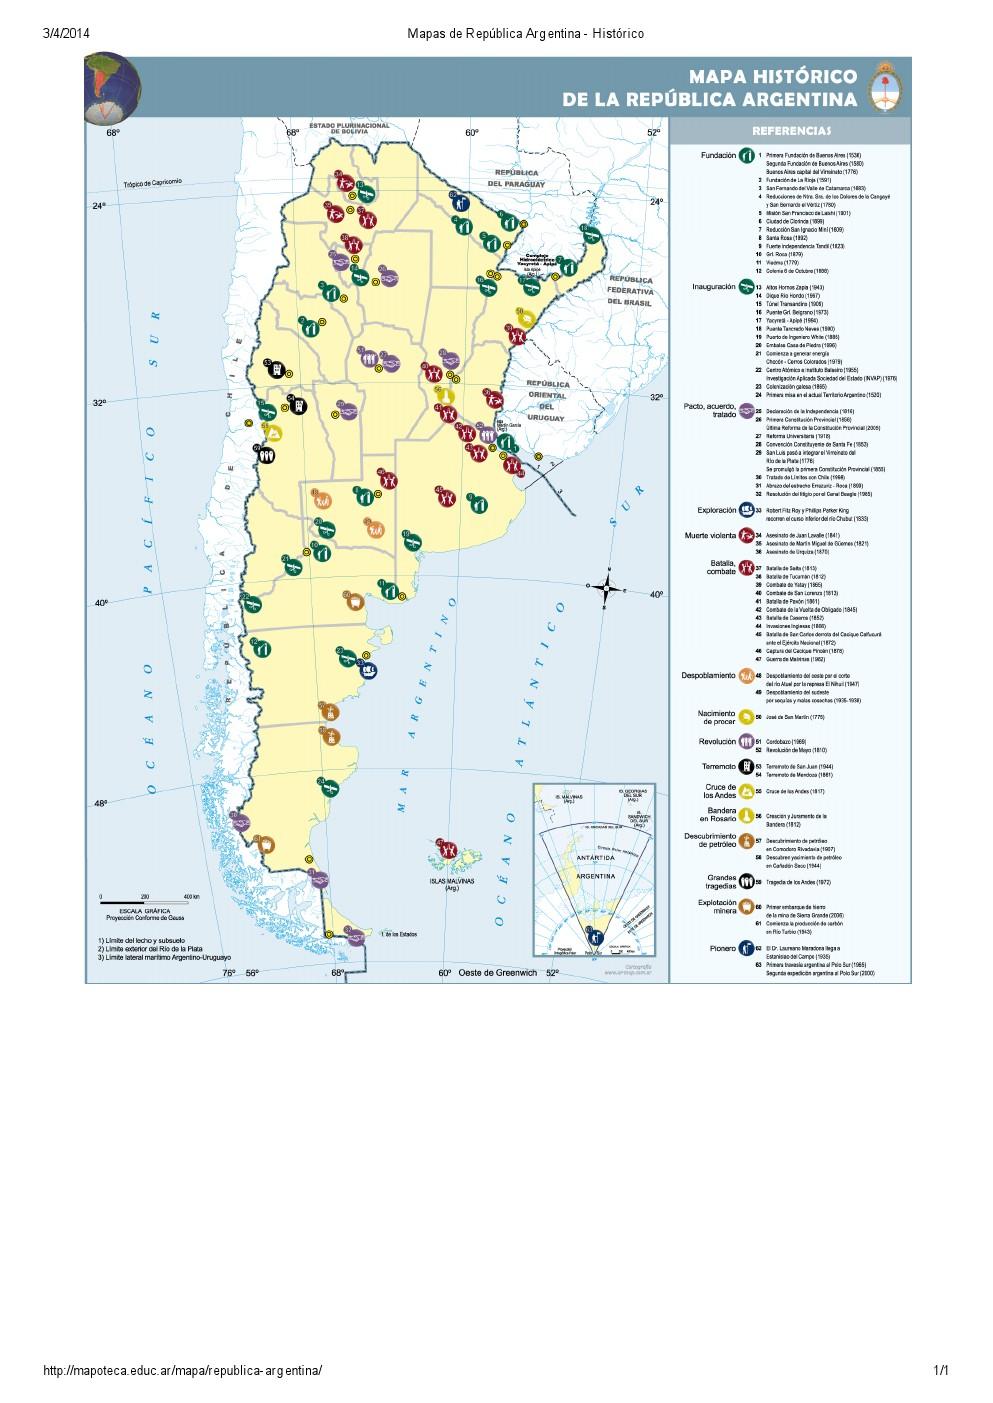 Mapa histórico de Argentina. Mapoteca de Educ.ar